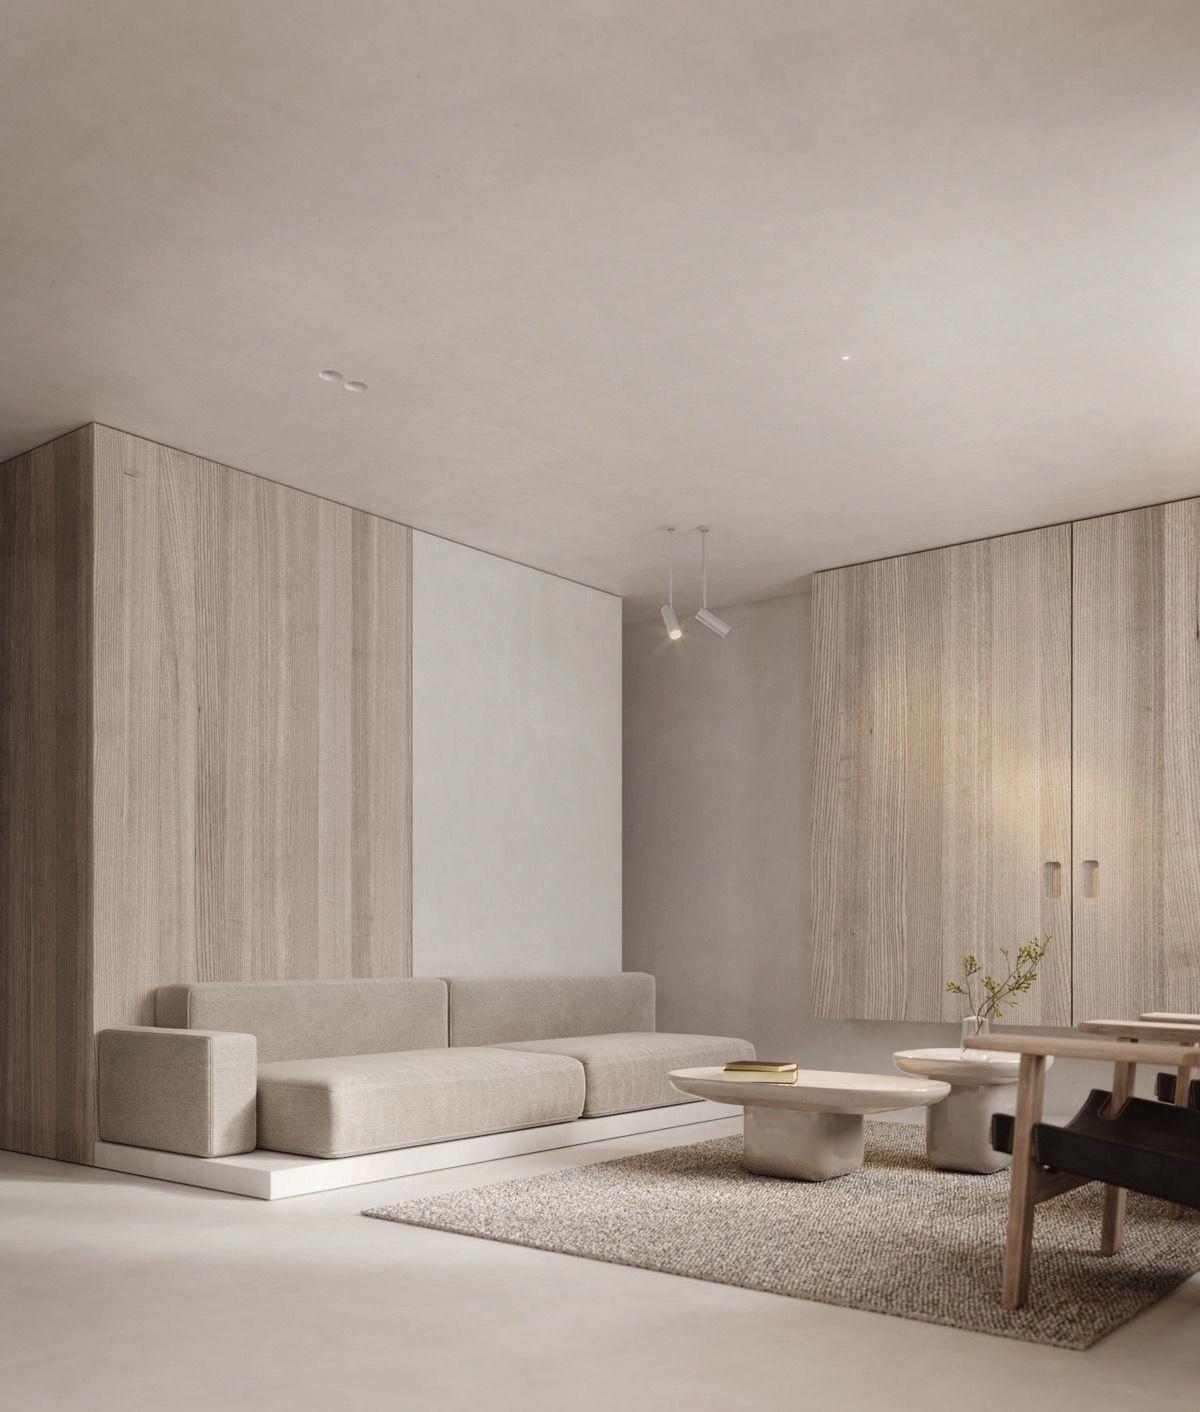 Minimalistkitchen Interior Design: Neutral, Modern-Minimalist Interior Design : 4 Examples